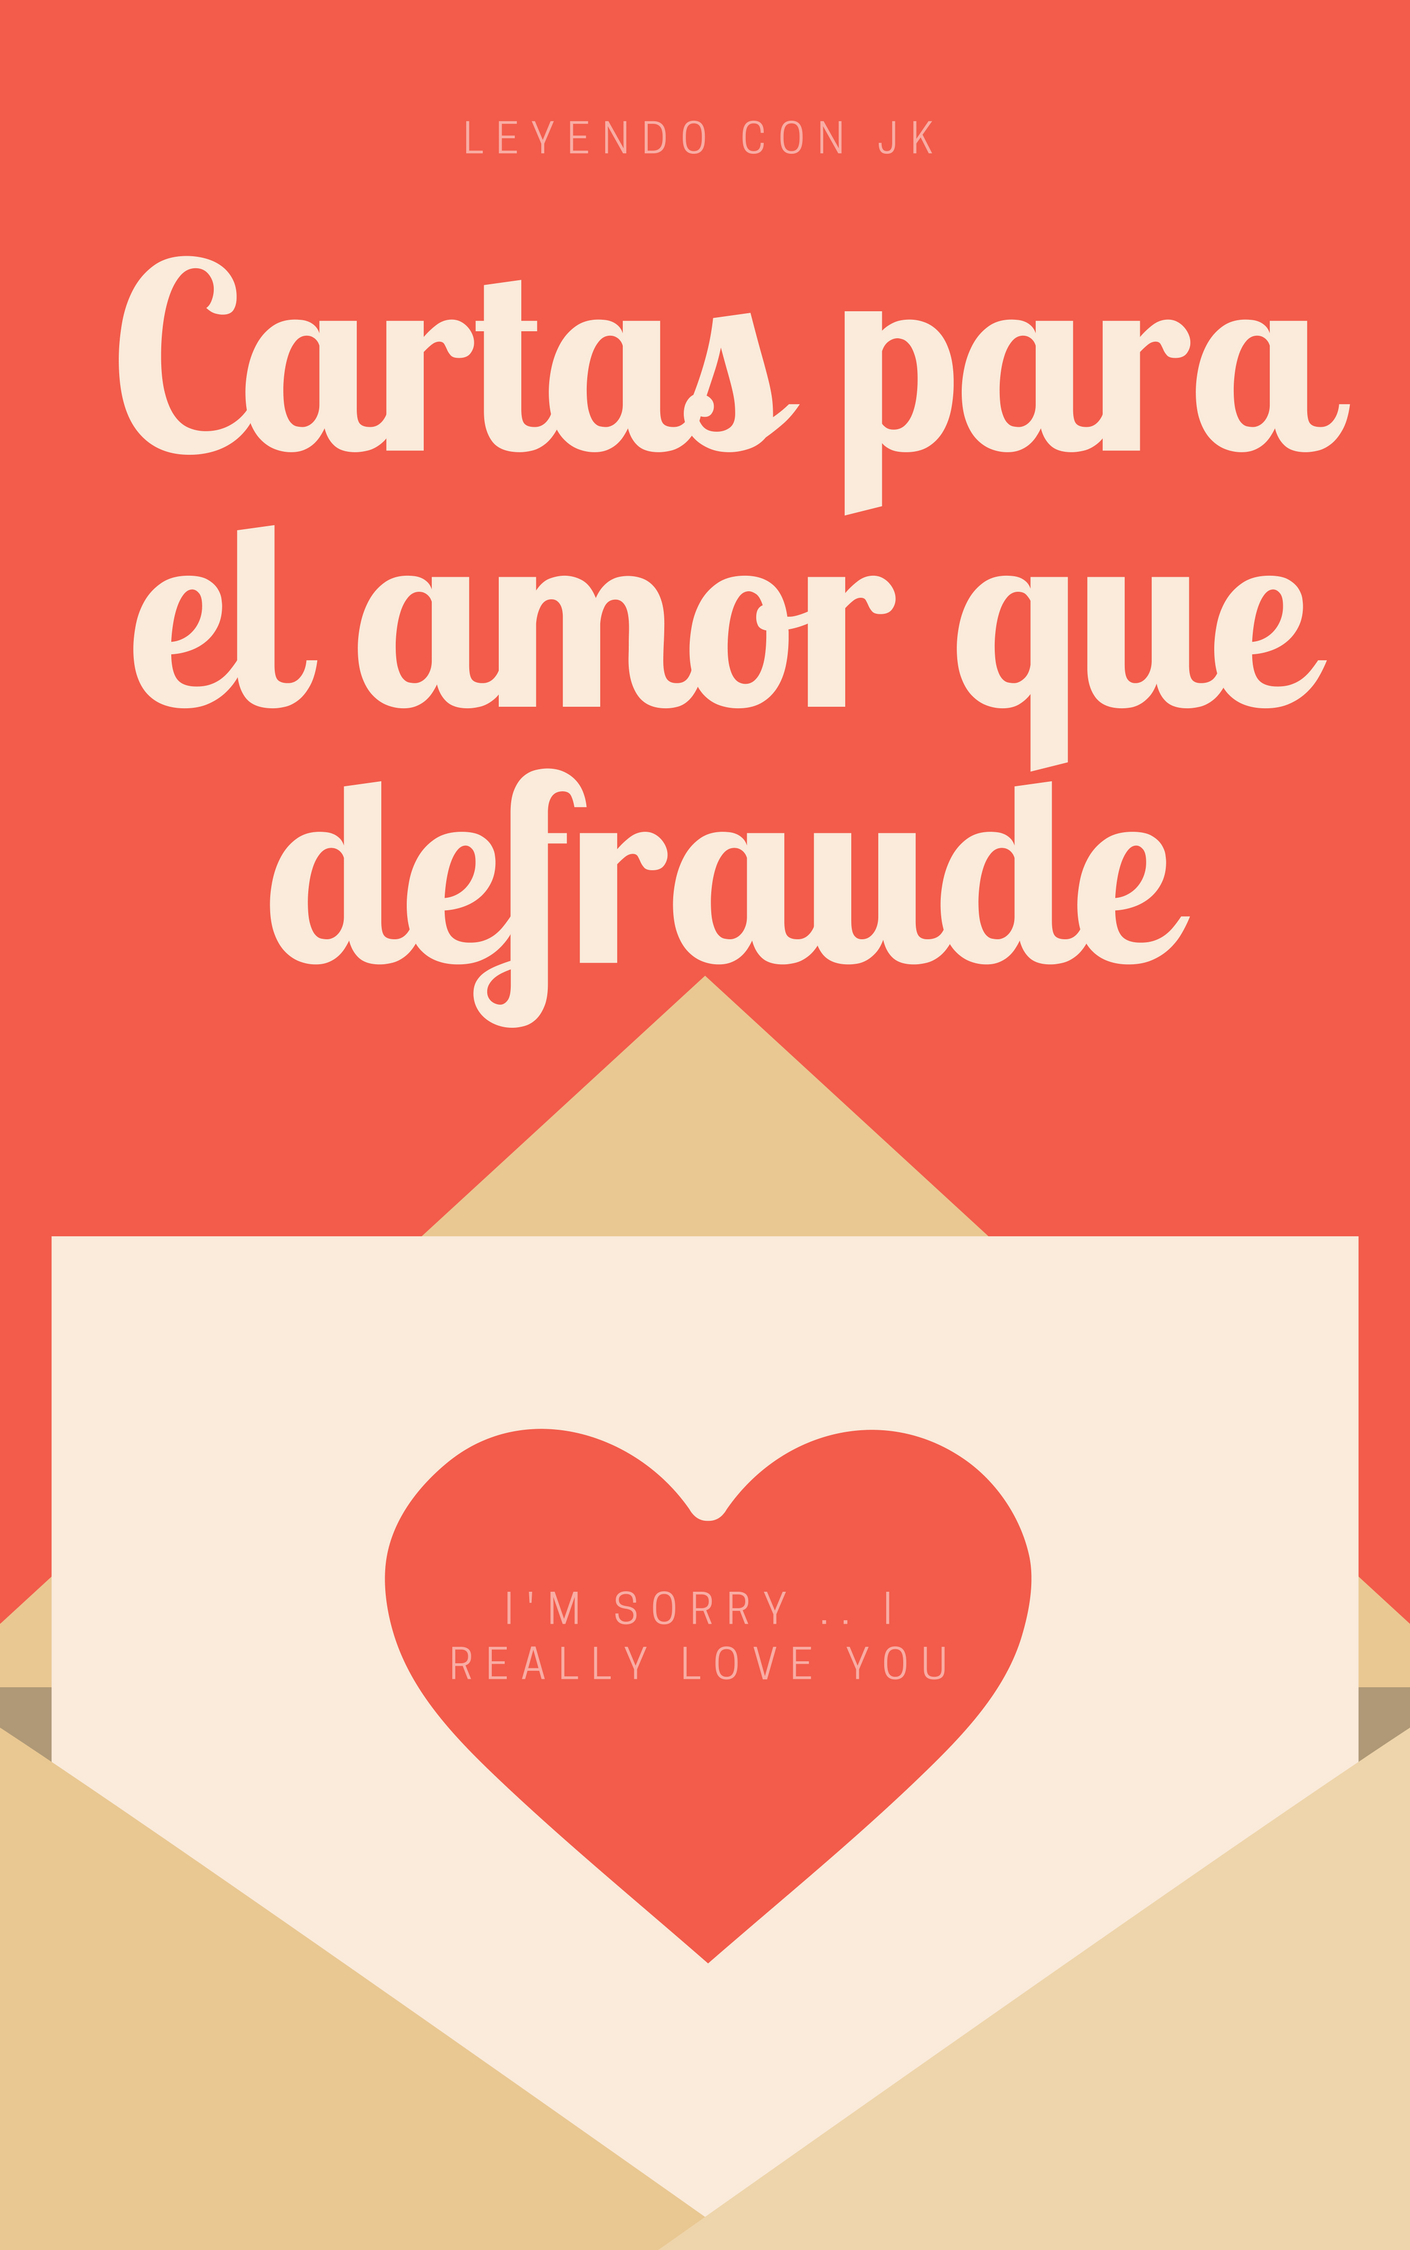 Poemas De Amor Con El Corazon Roto Cartas Para El Amor Que Defraude Cartas Amor Poemas